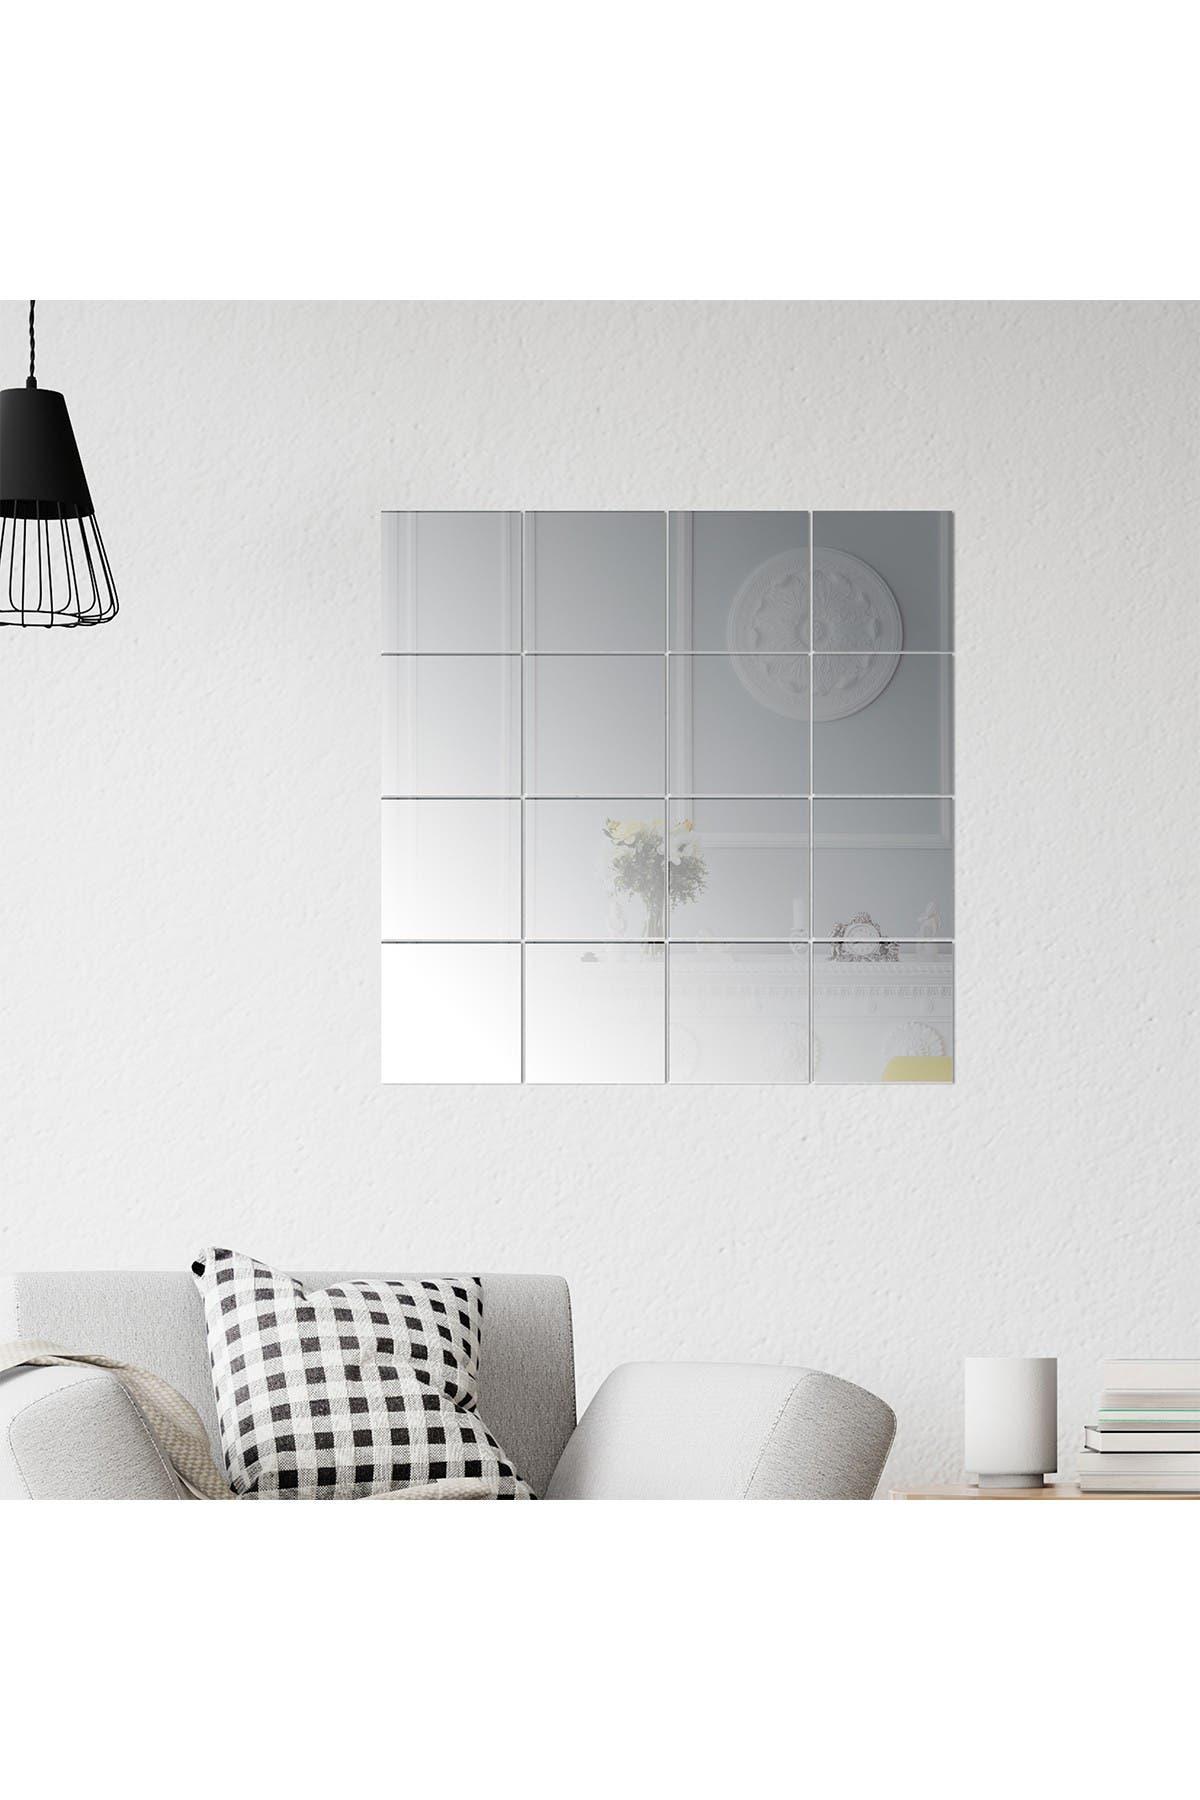 Image of WalPlus Square Mirror - 16 piece set x 4 Packs